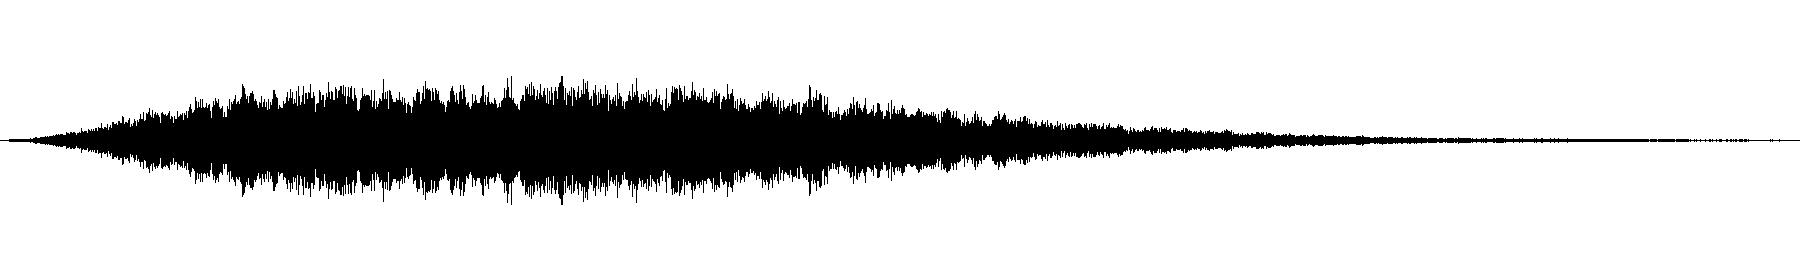 synth choir am